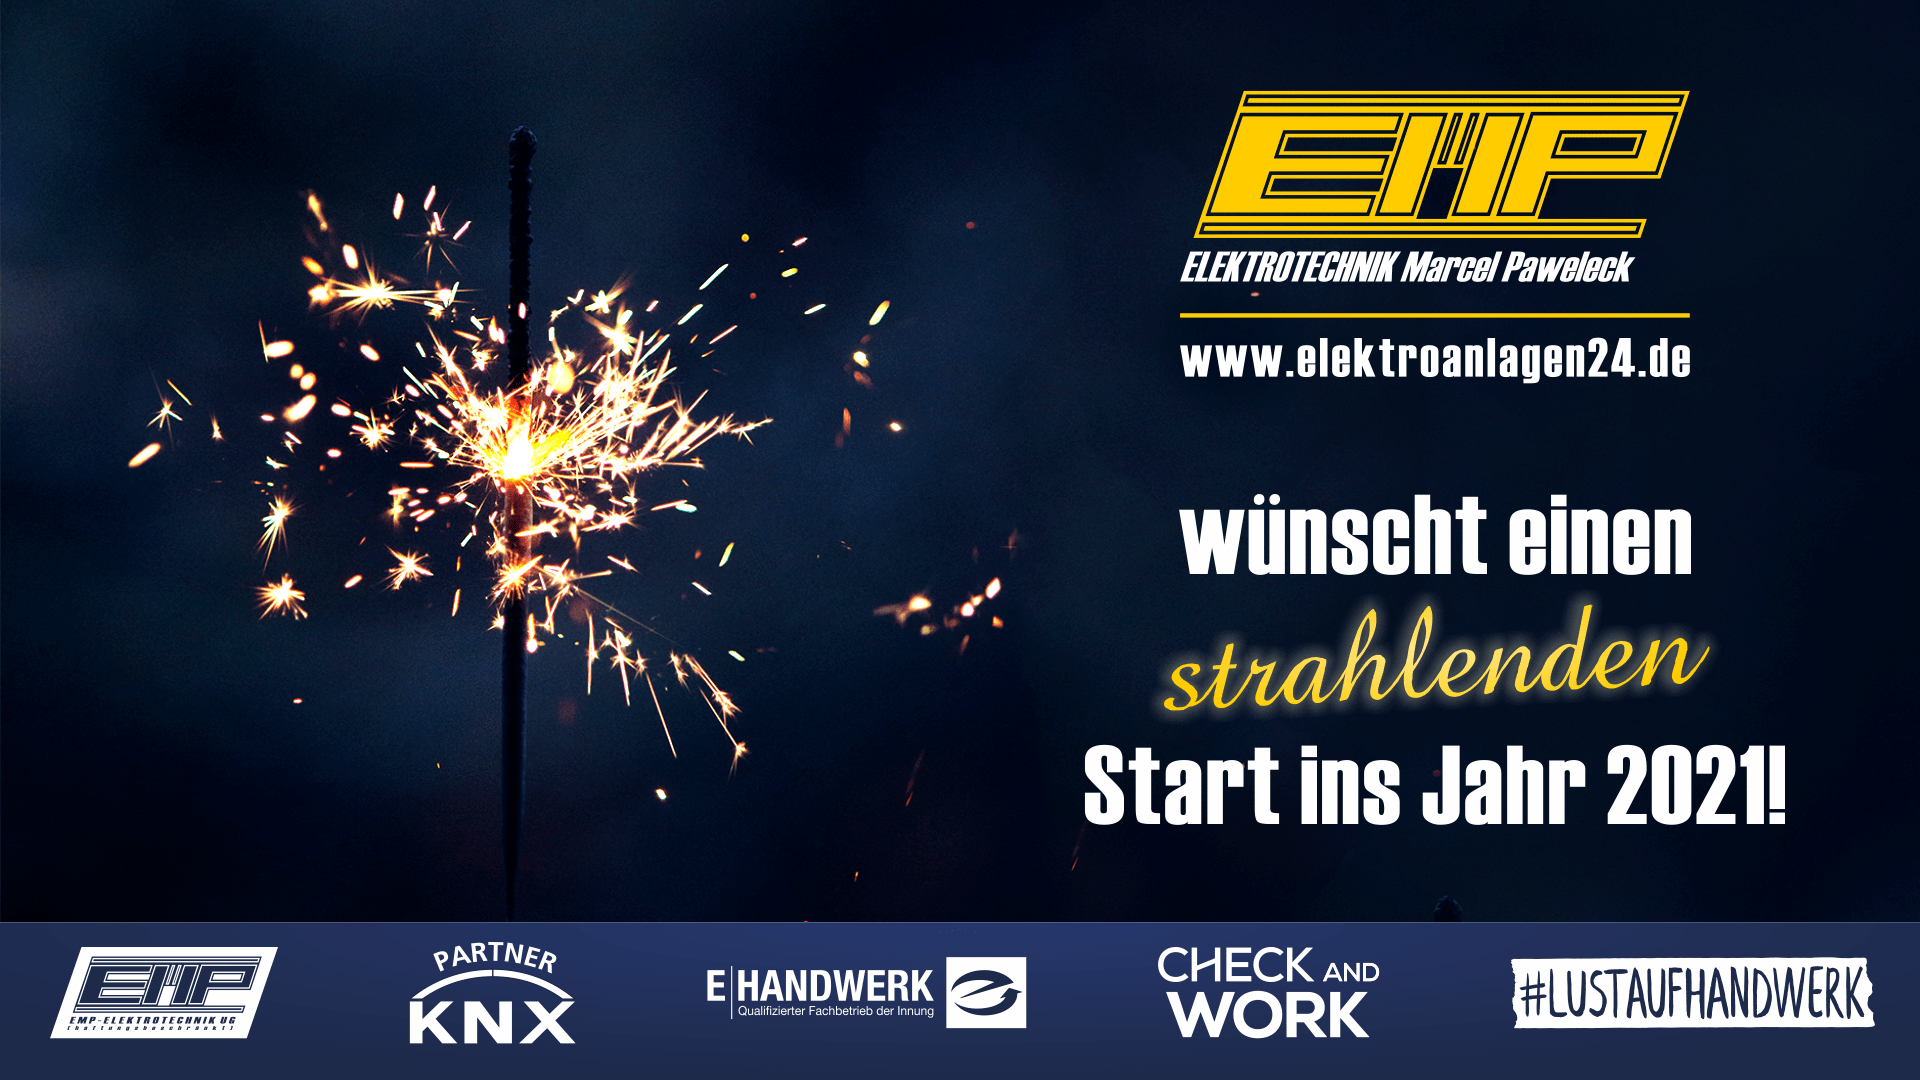 Wir wünschen Ihnen ein neues, spannendes, gesundes und erfolgreiches Jahr 2021 ... www.elektroanlagen24.de